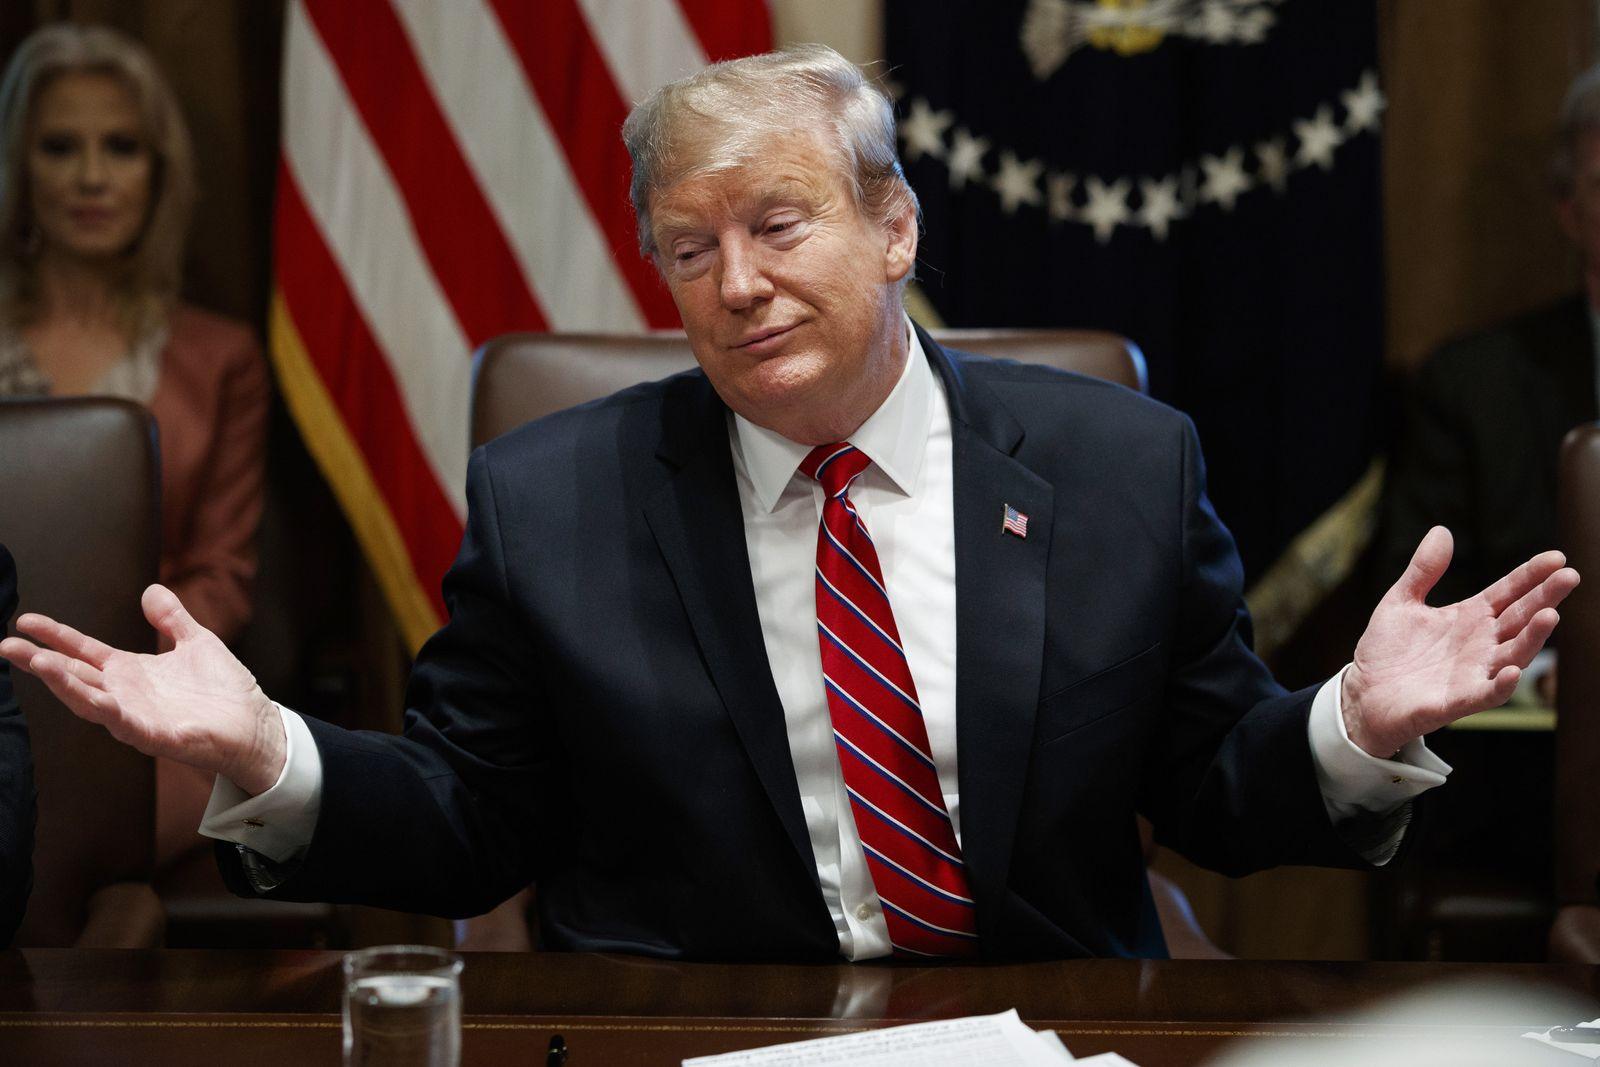 Kabinettssitzung im Weißen Haus